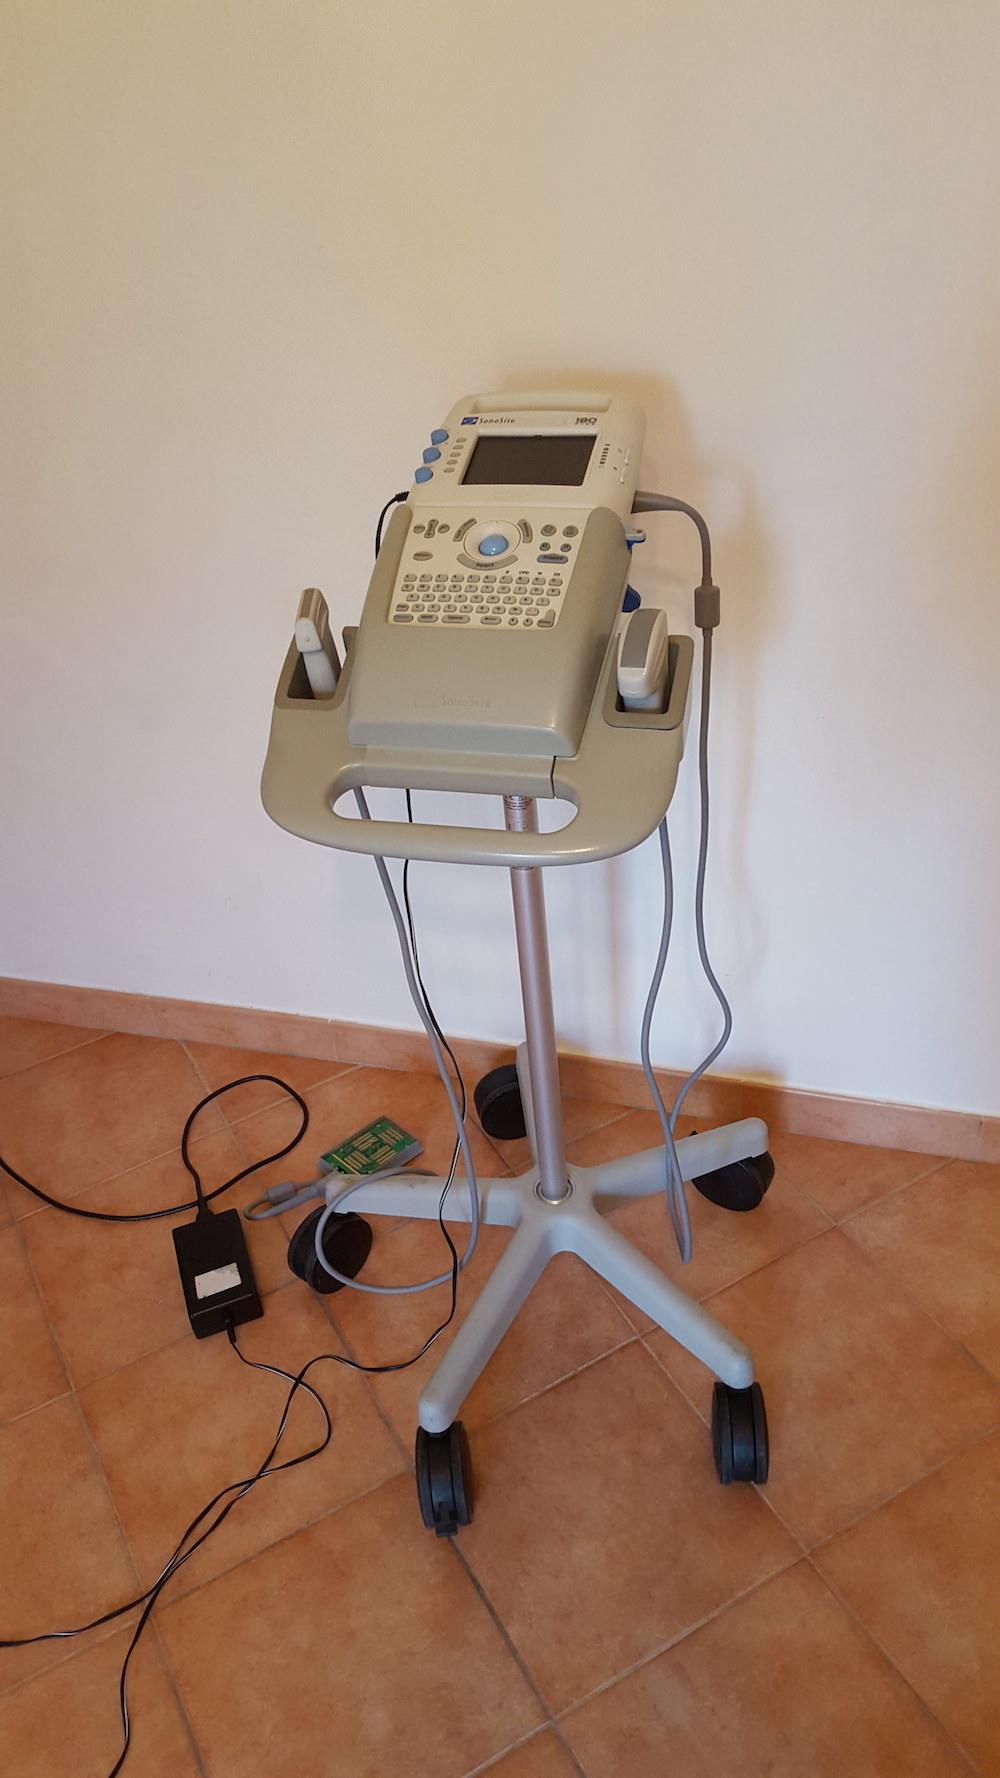 ecografo-sonosite-180-plus-2